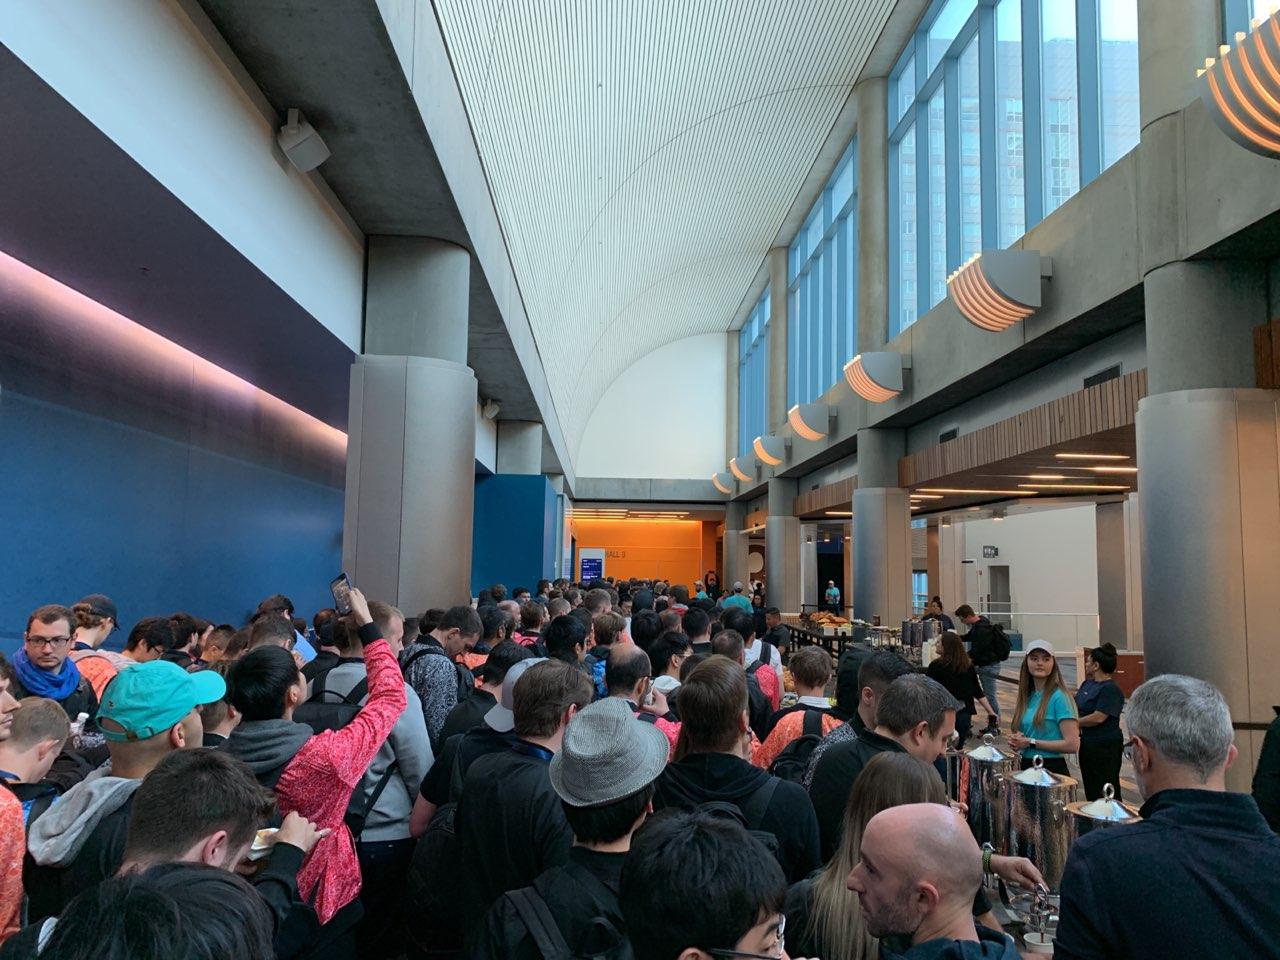 Tutti in fila alla WWDC 2019, foto e video da San Jose da uno sviluppatore italiano